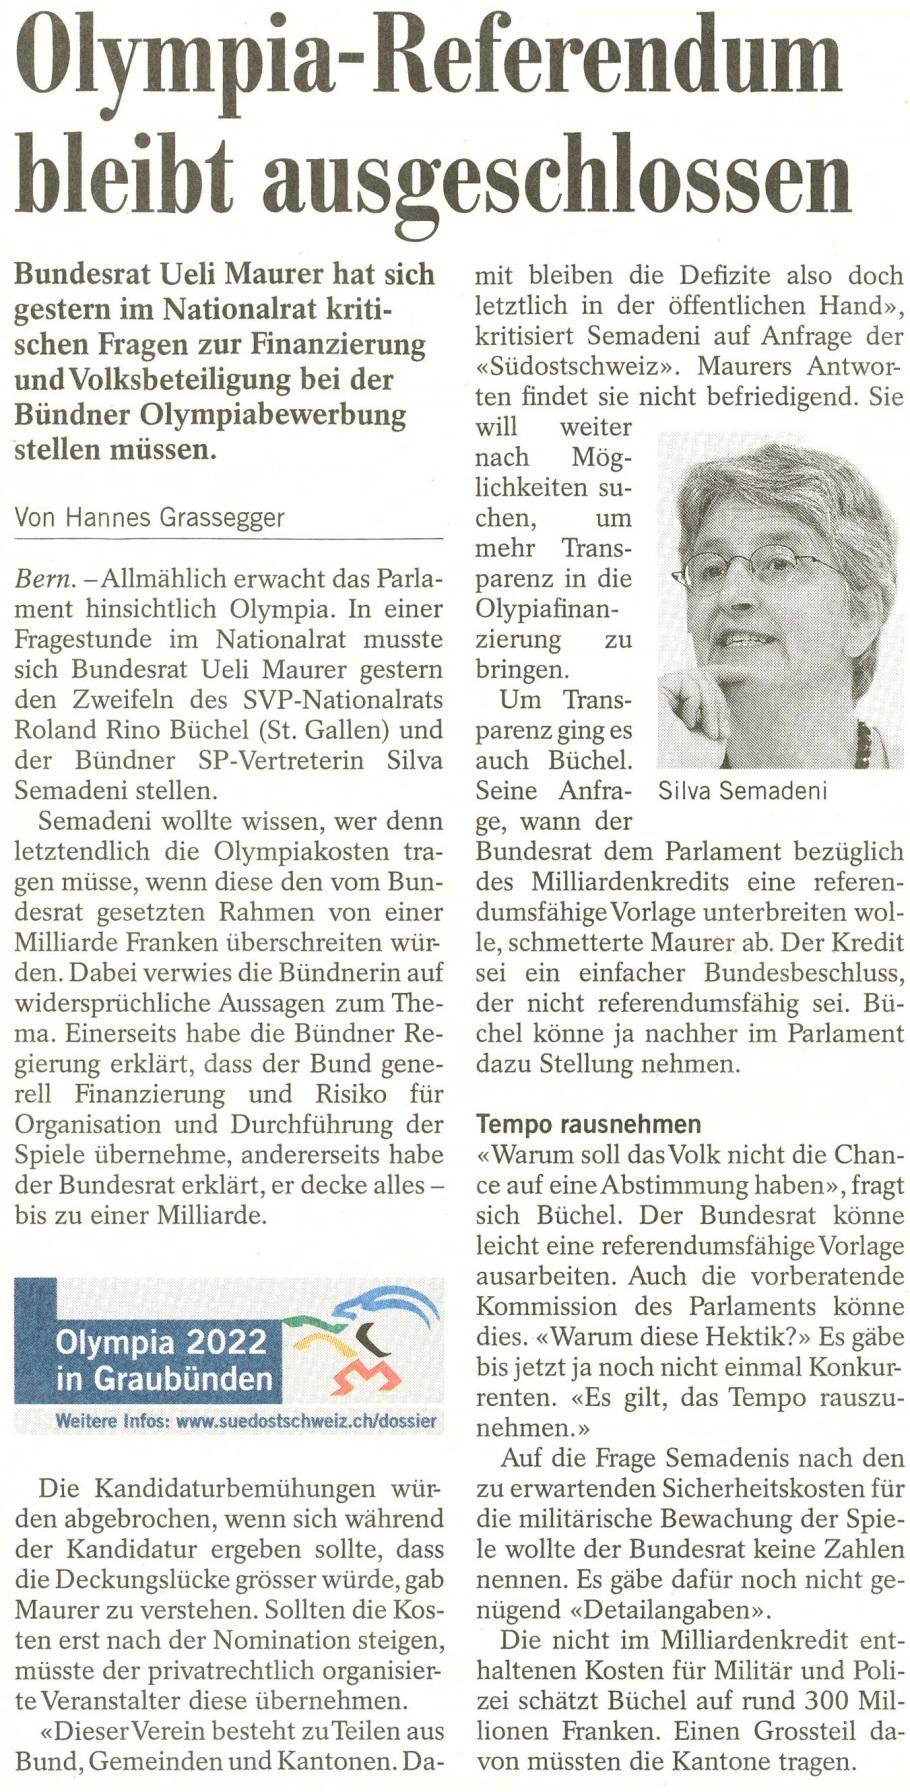 Südostschweiz: Olympia-Referendum bleibt ausgeschlossen